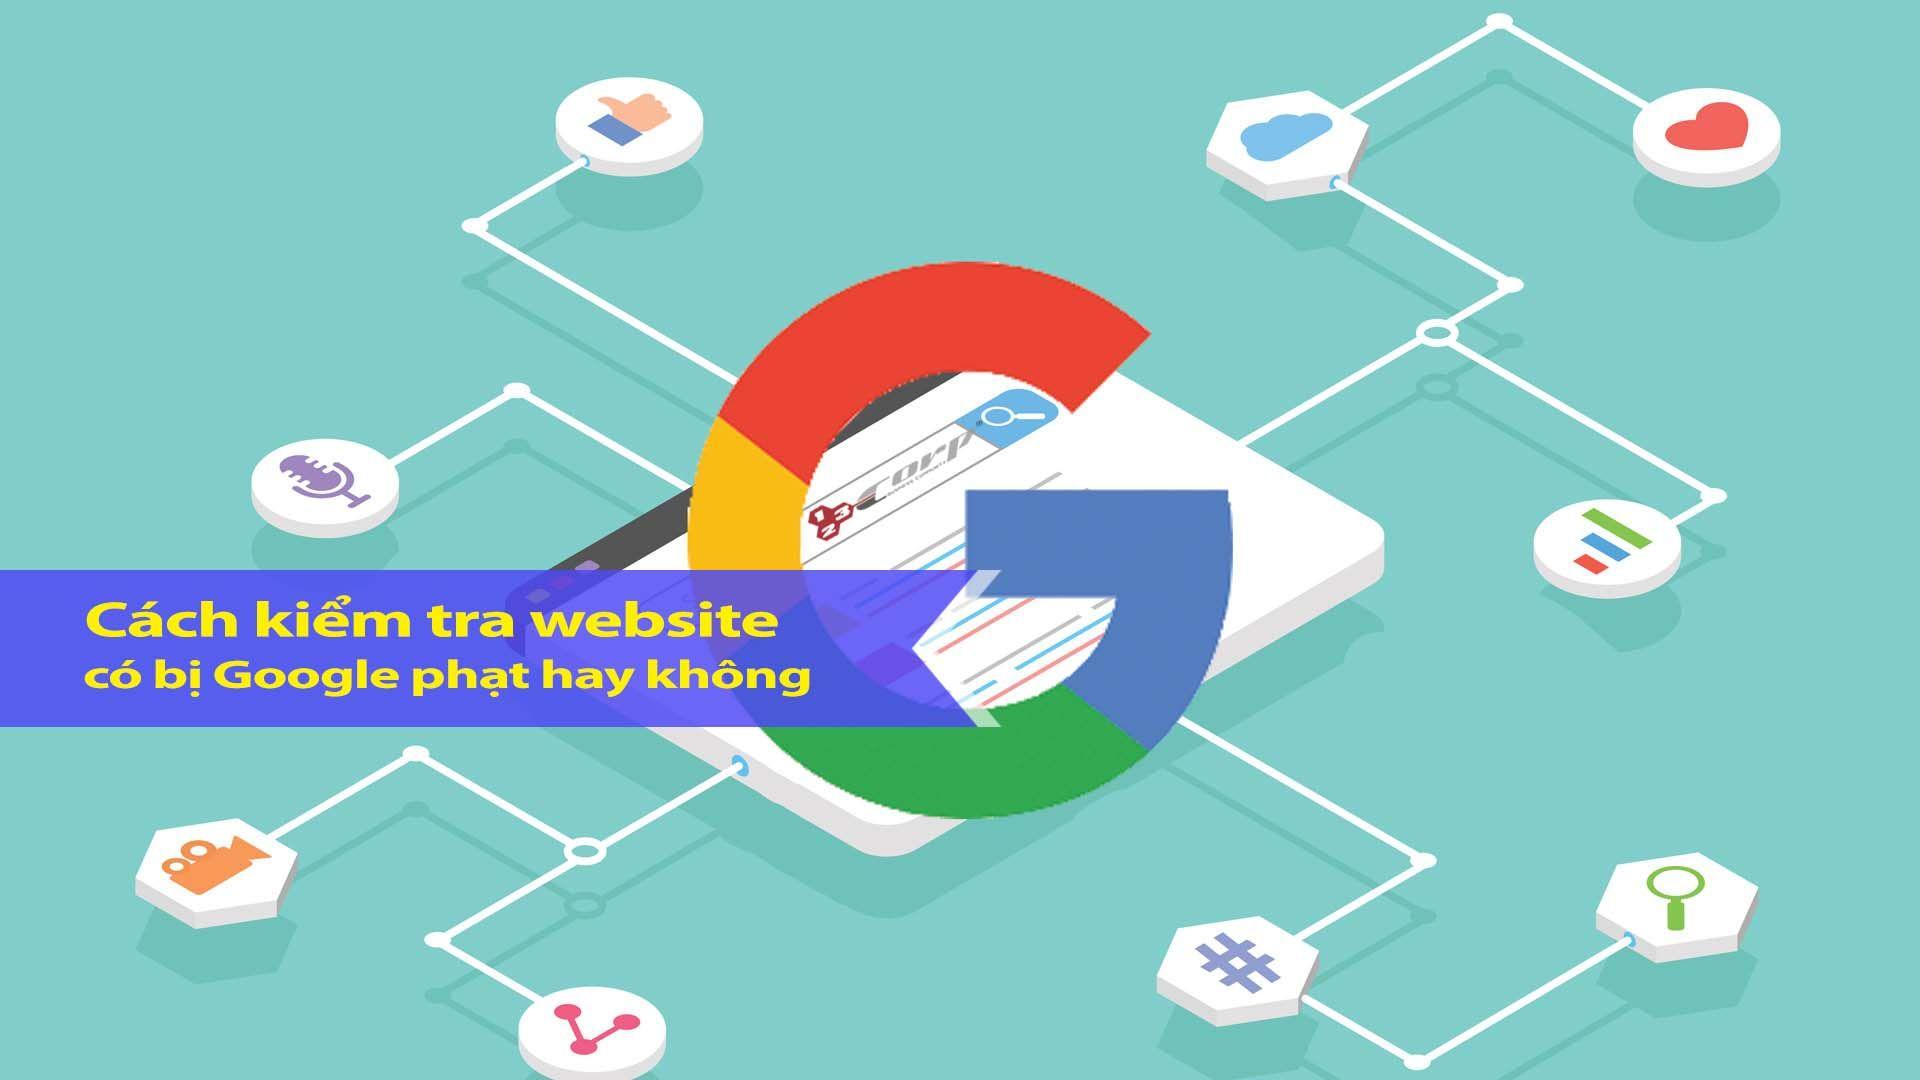 Cách kiểm tra website có bị Google phạt hay không